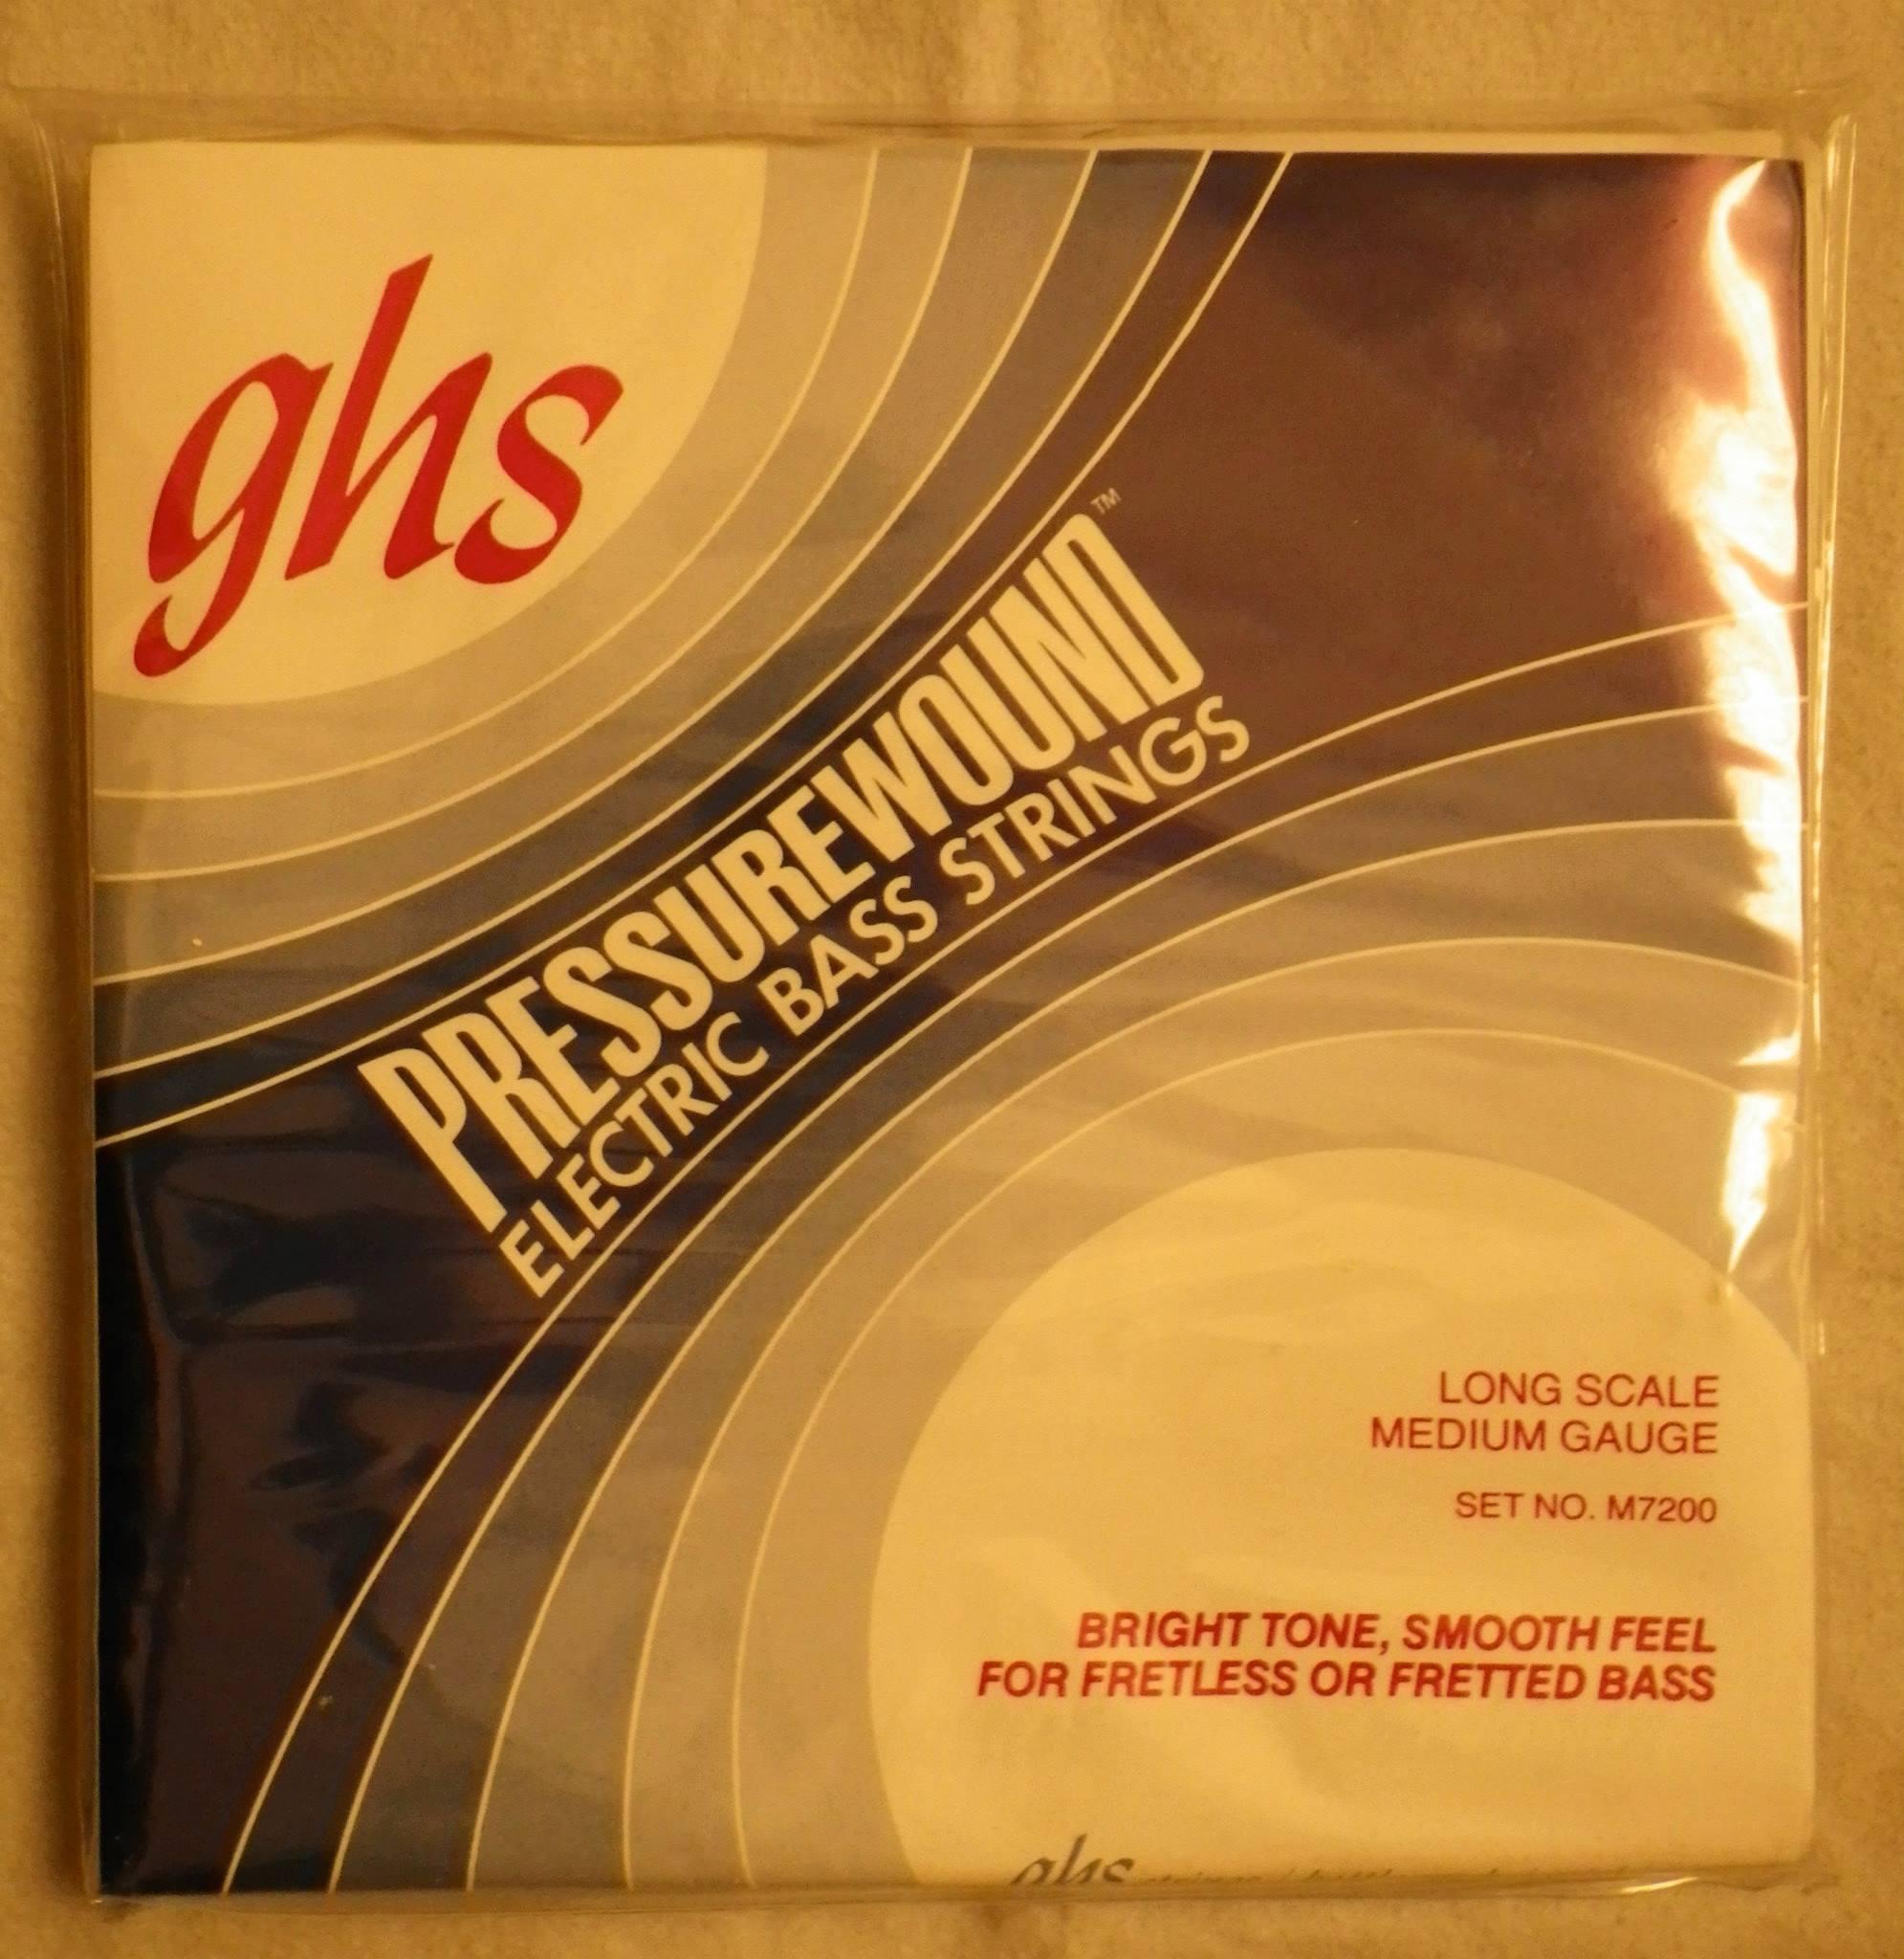 ghs_PRESSUREWOUND